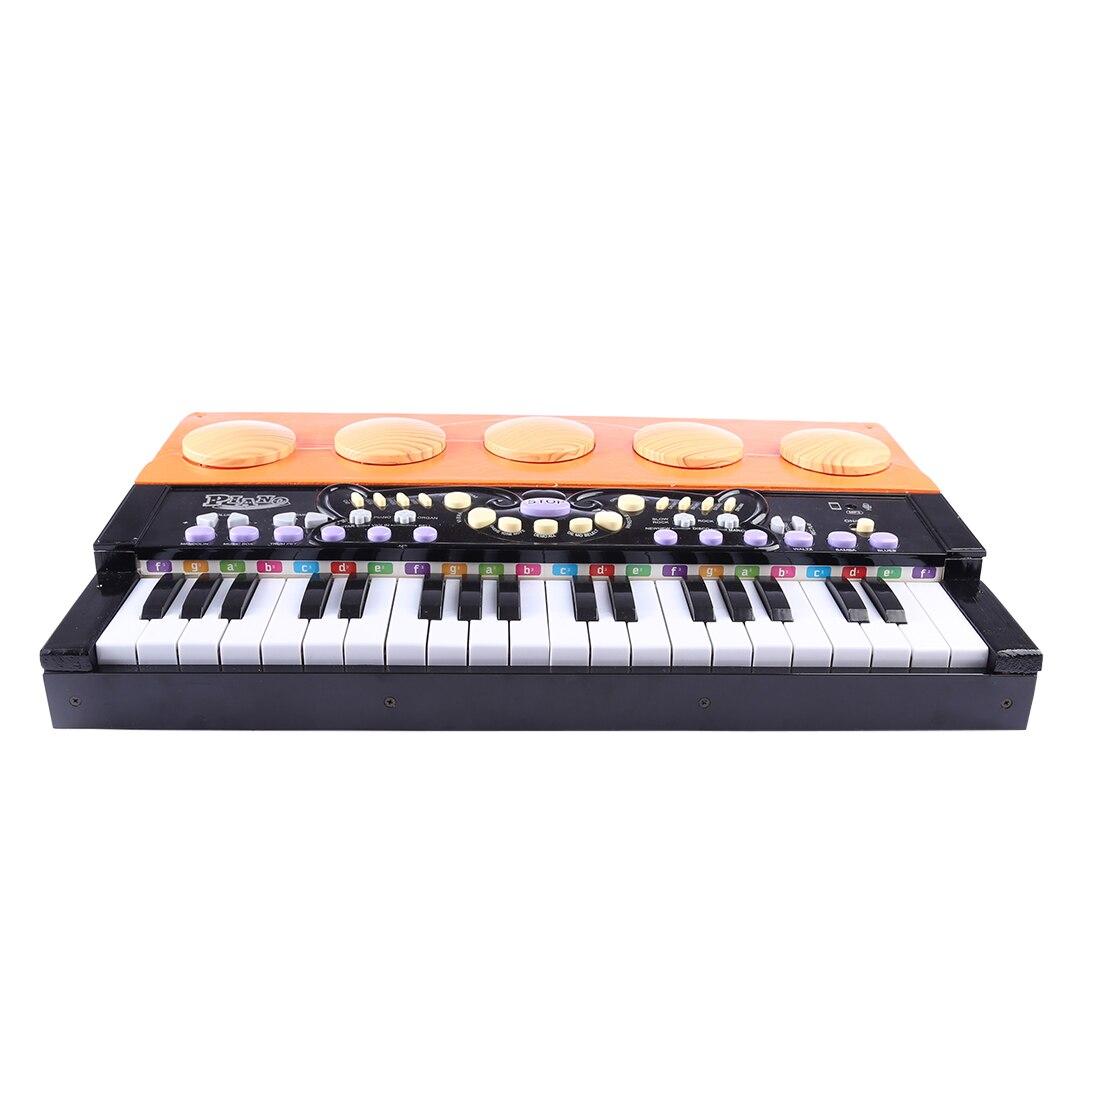 Nouveau chaud 37 clés jouet Instrument de musique Mini en bois Vertical Piano Grand Instrument de musique pour enfants éducation de la musique précoce